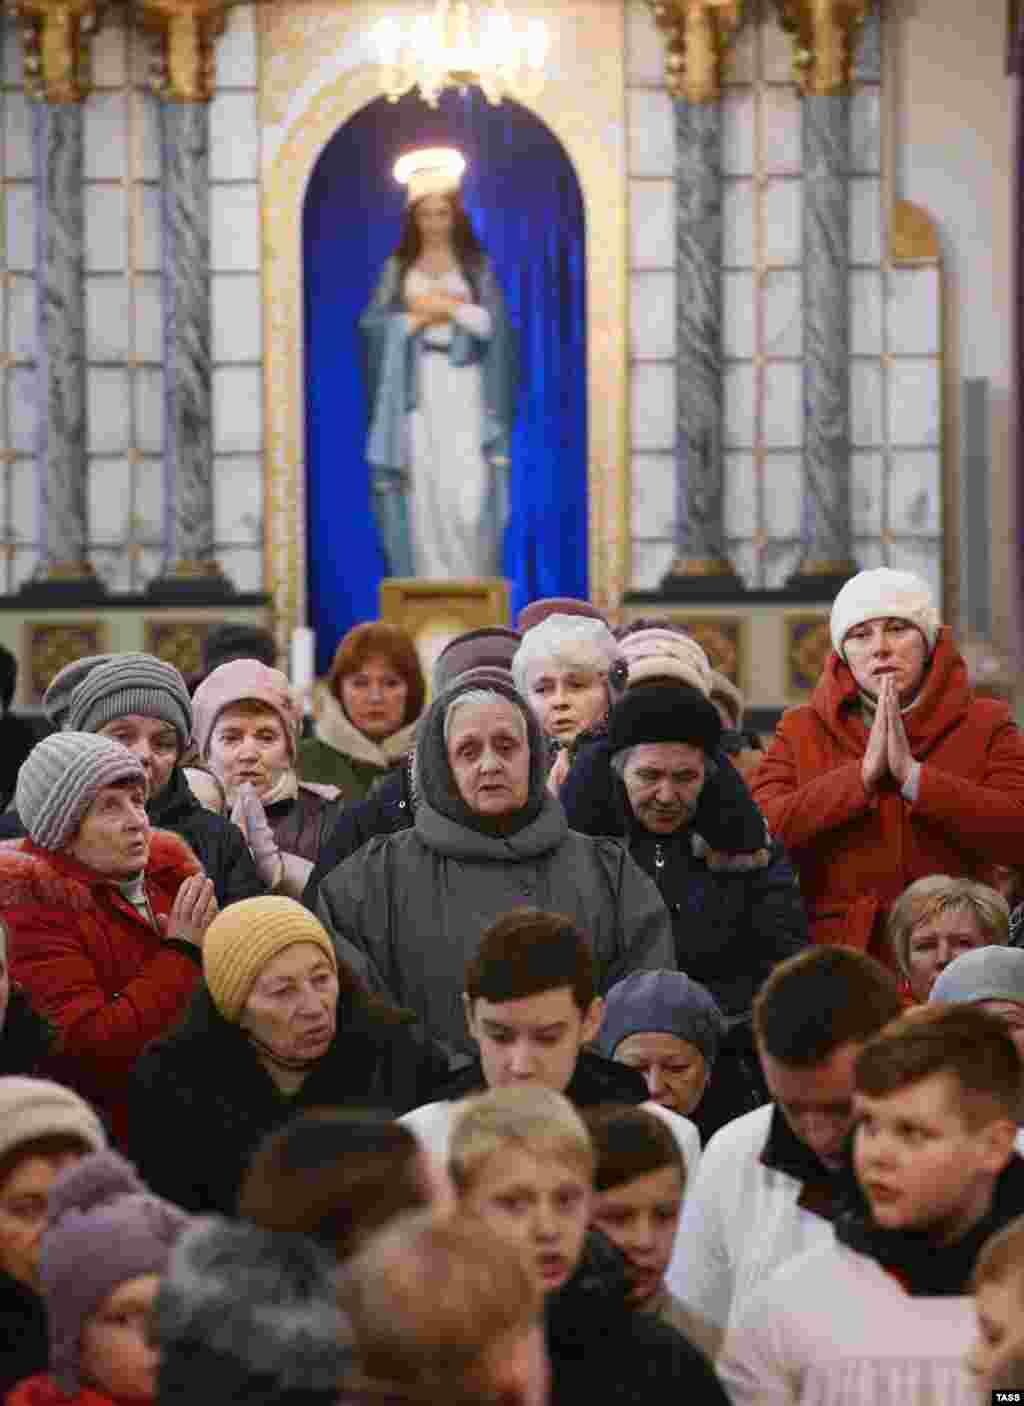 Прихожане в костеле Святого Иосифа белорусского города Воложин во время празднования католической Пасхи